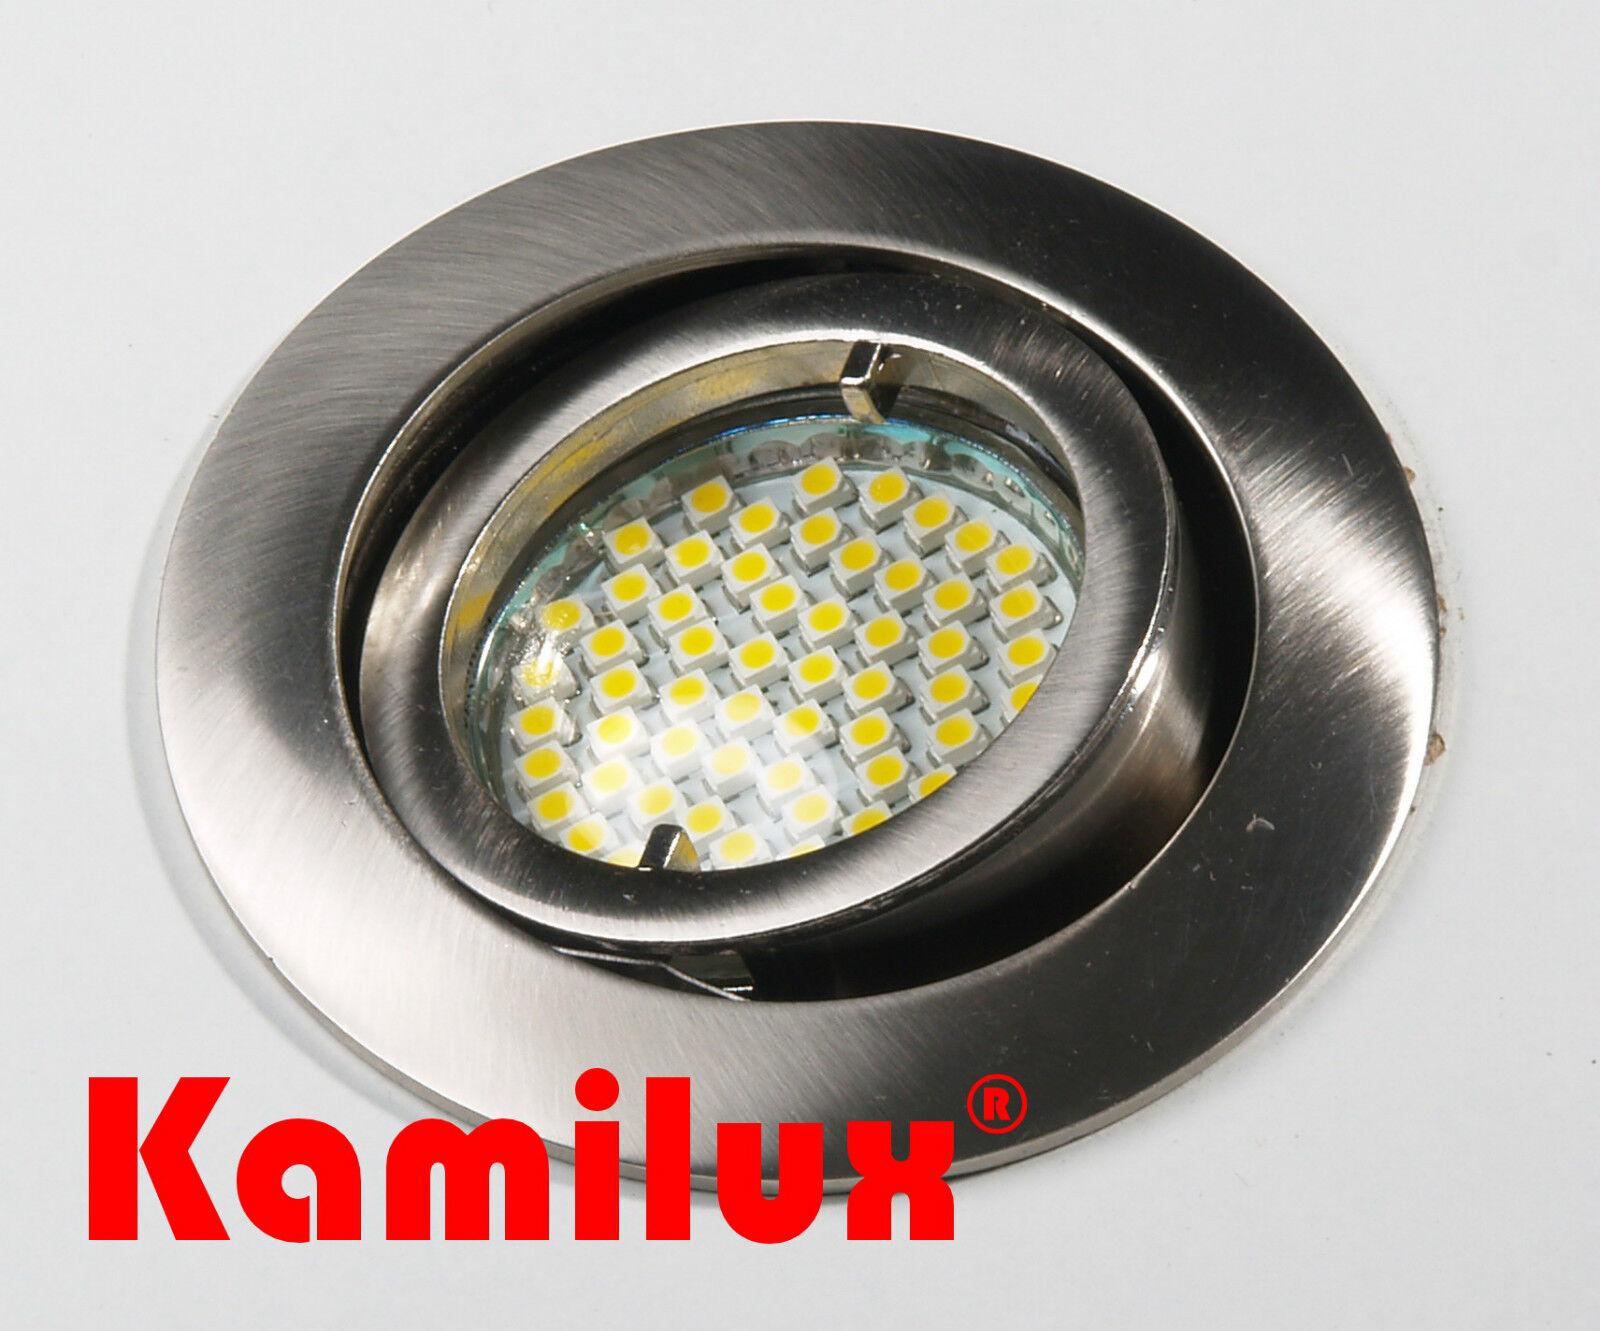 Einbaustrahler Sets Einbauleuchte inkl. LED mit nur 3W Verbrauch GU10 230V